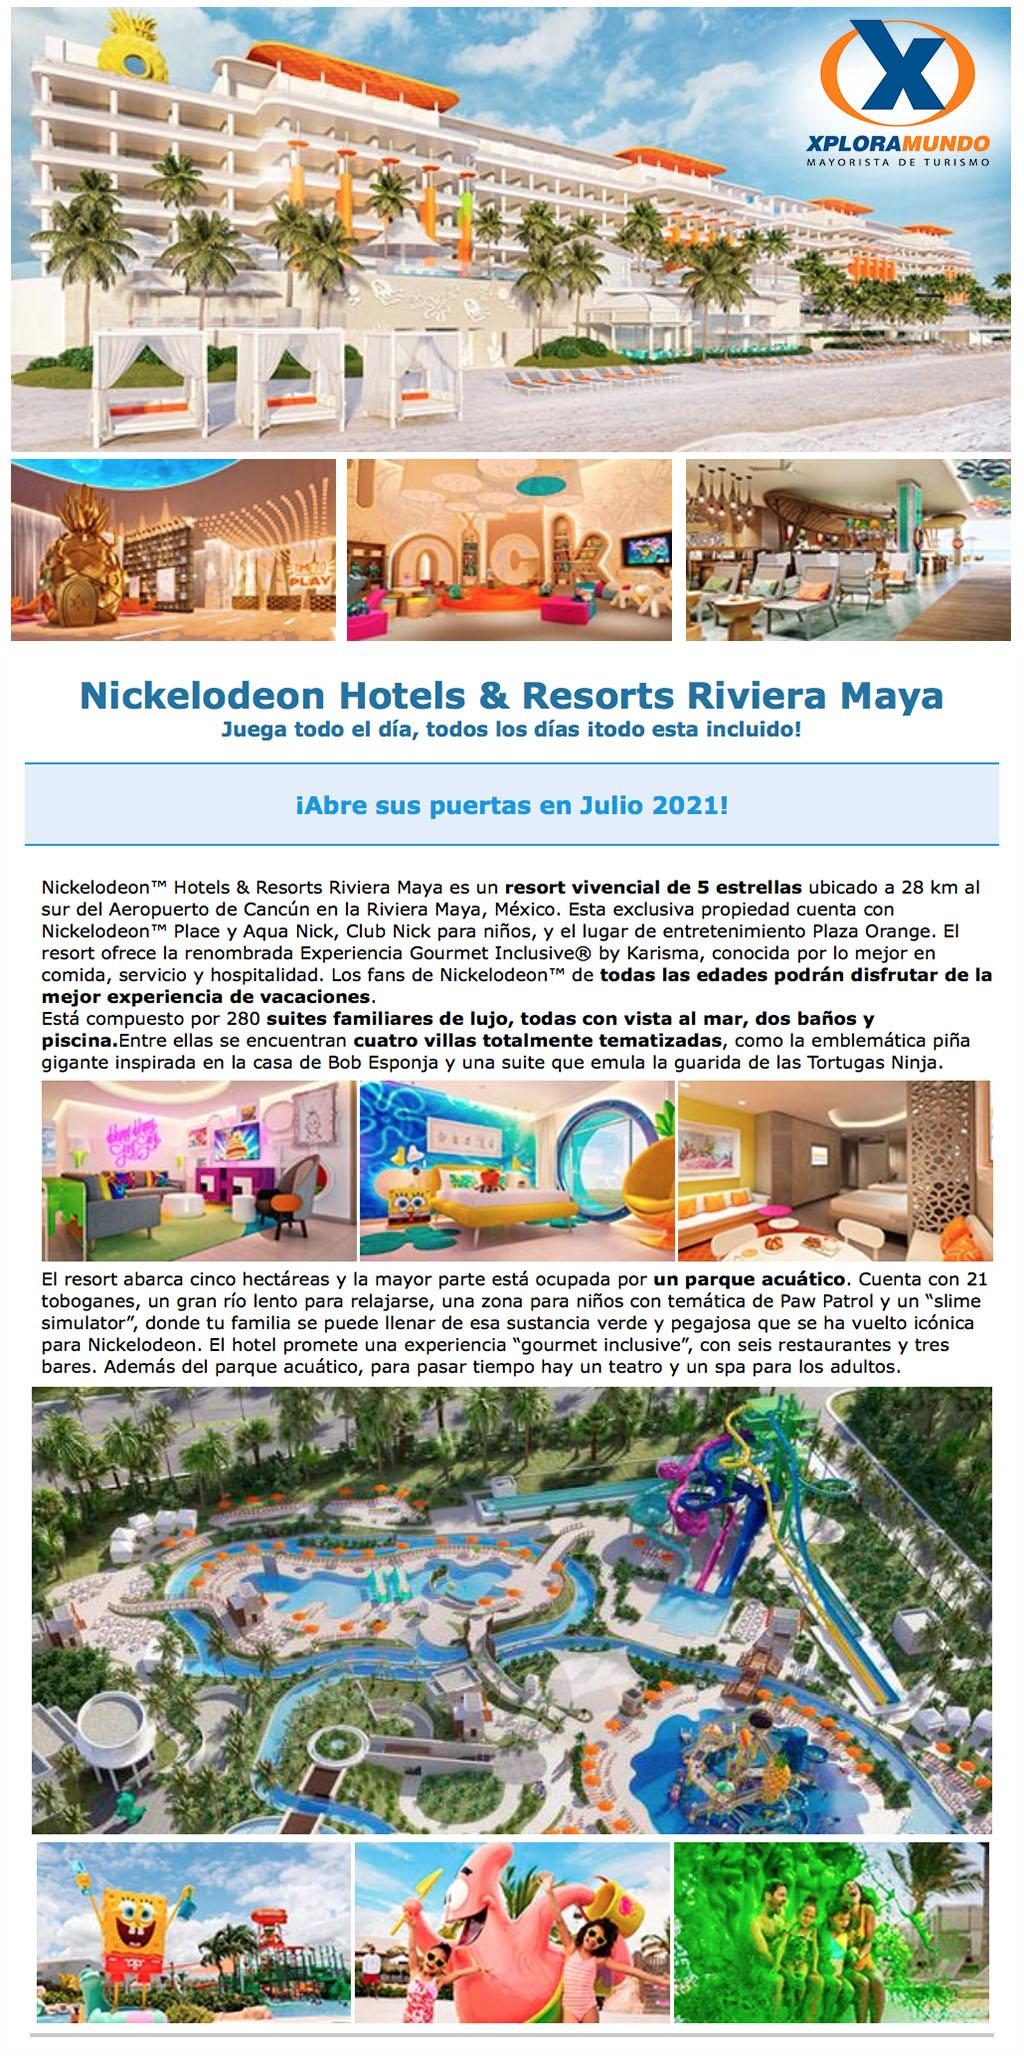 HOTEL NICKELODEON